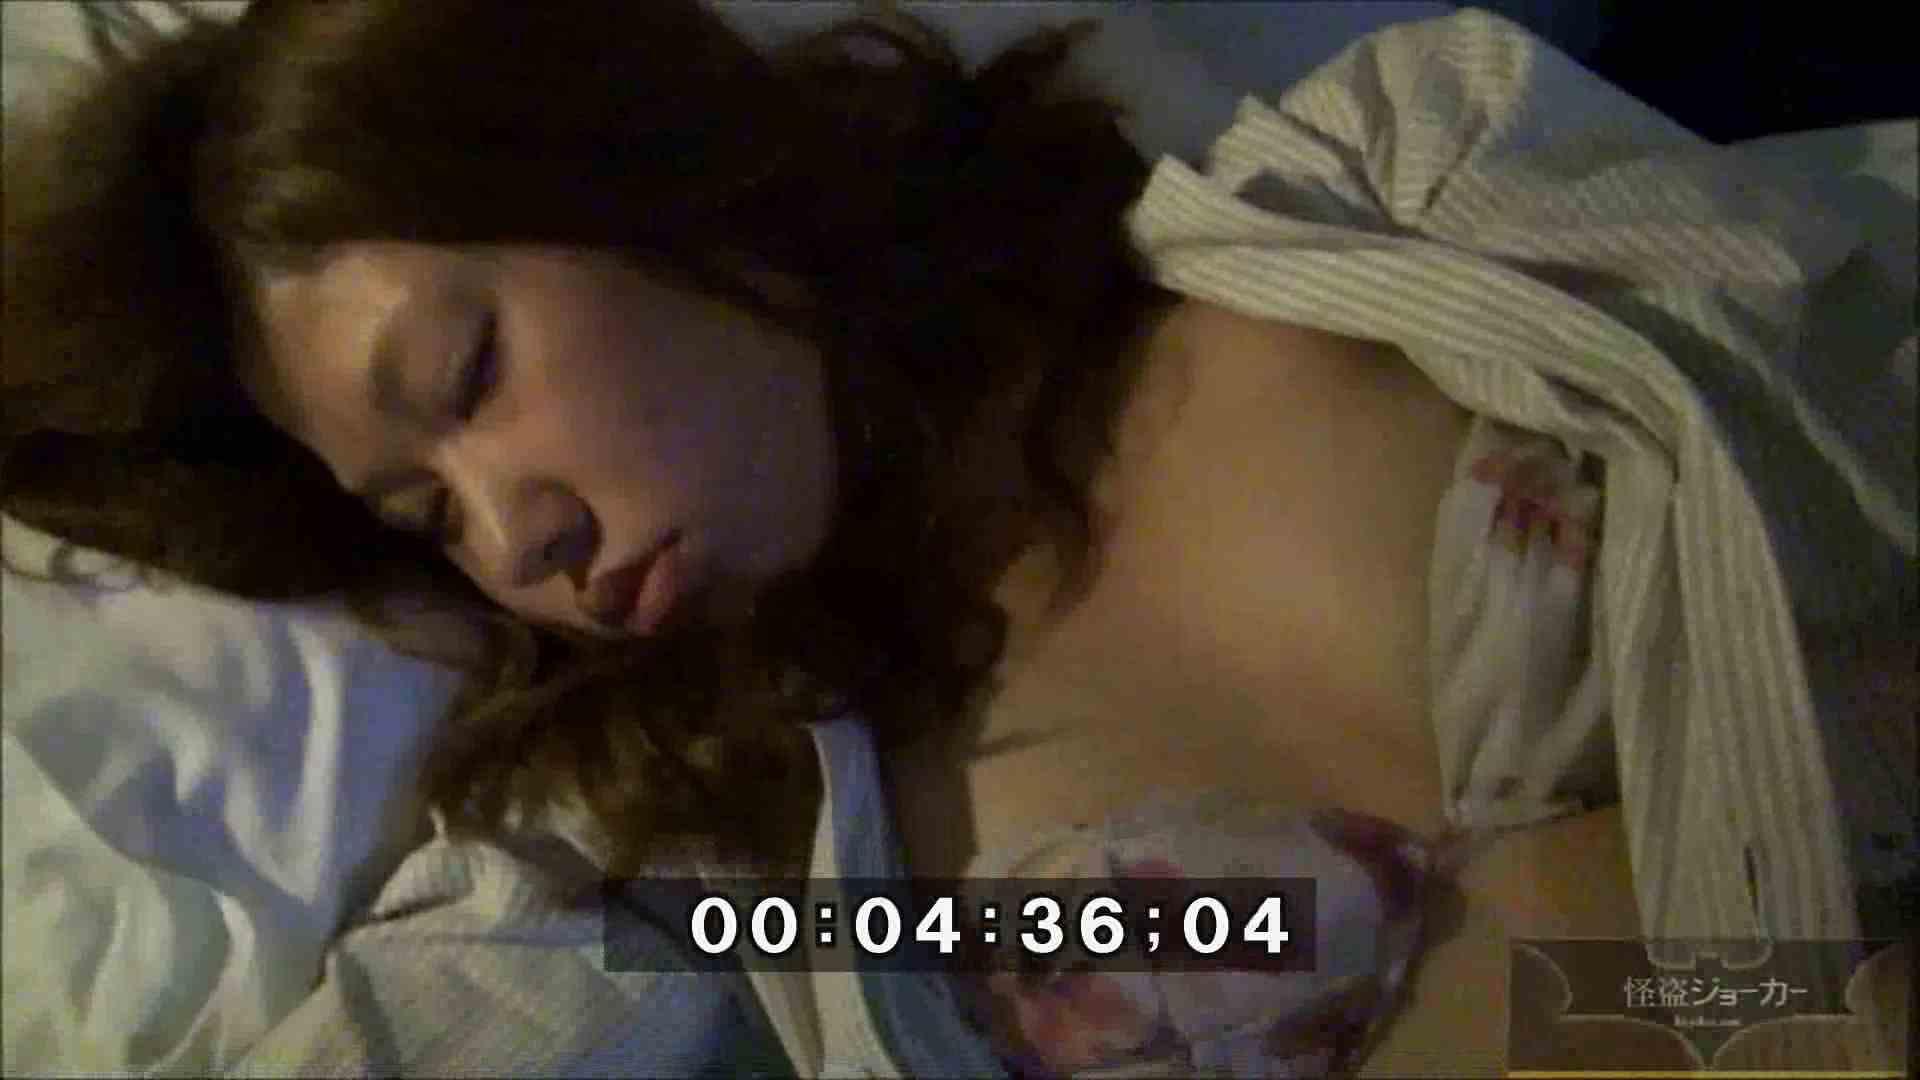 【未公開】vol.61 さよならHKちゃん飛んだ意識でエッチさせていただきました。 ギャルズ | セックスする女性達  32画像 6